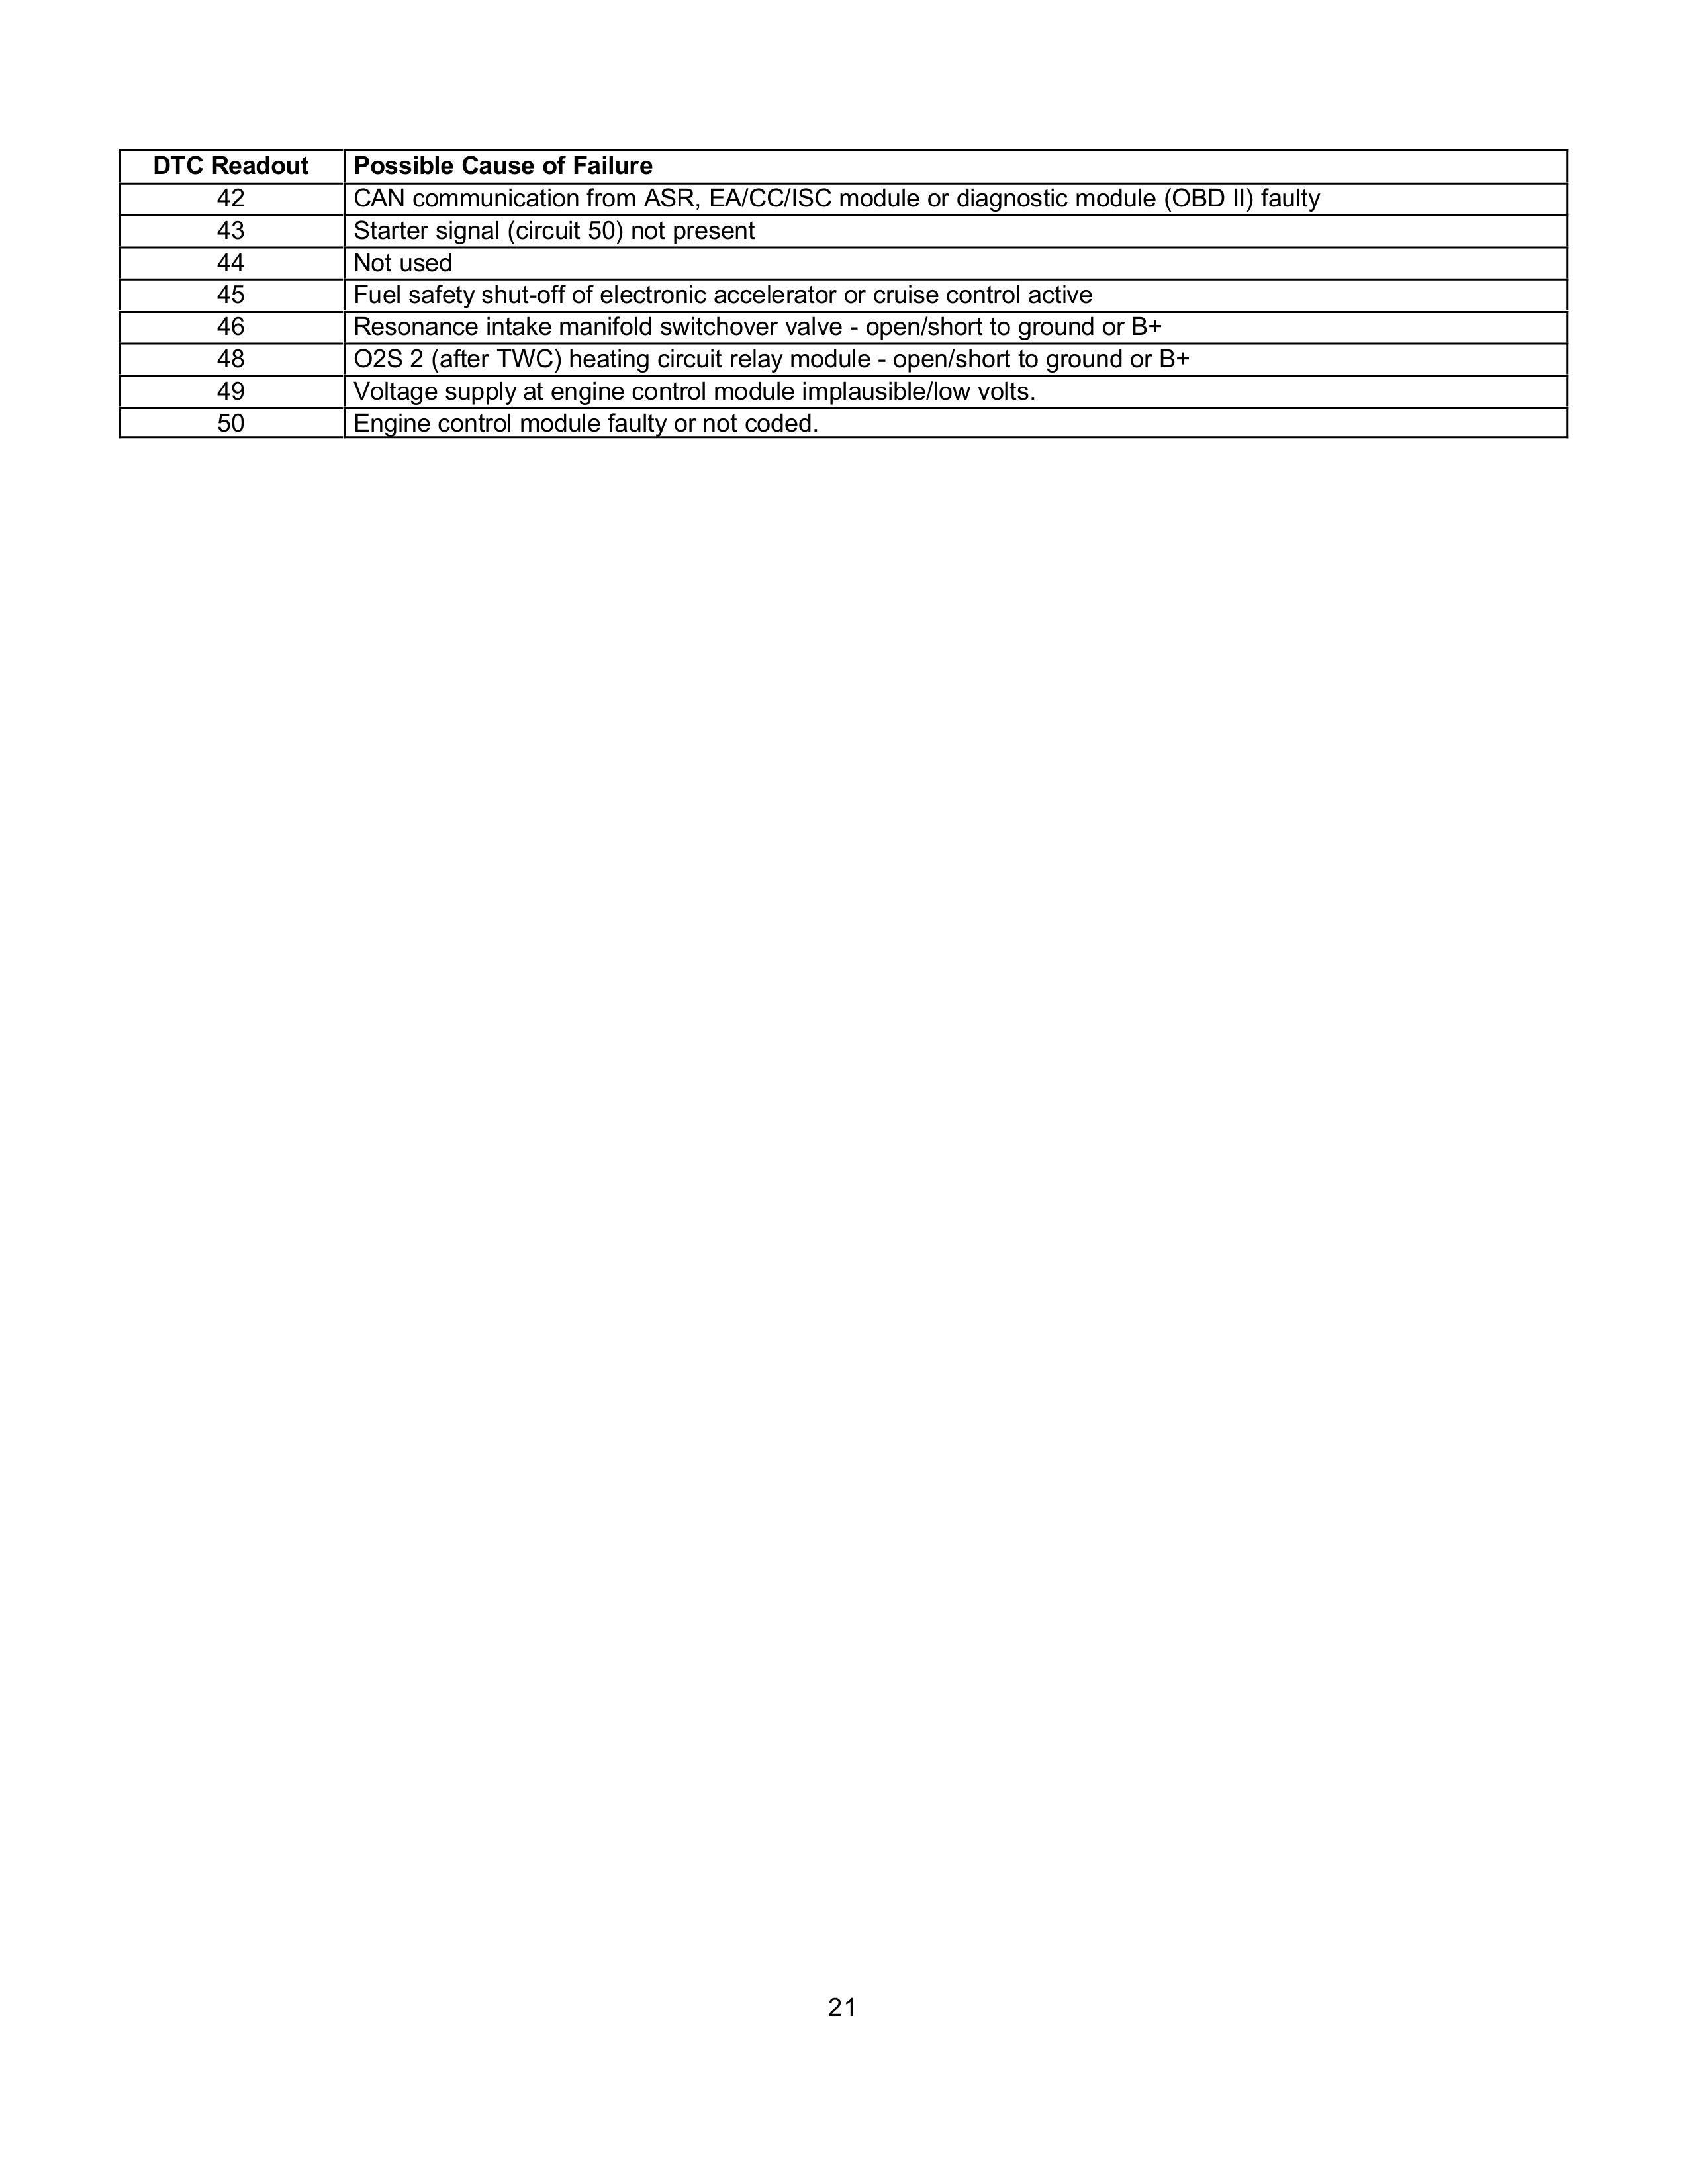 (AJUDA GERAL): Manual de códigos das falhas - analógico e digital - 1988 a 2000 002113